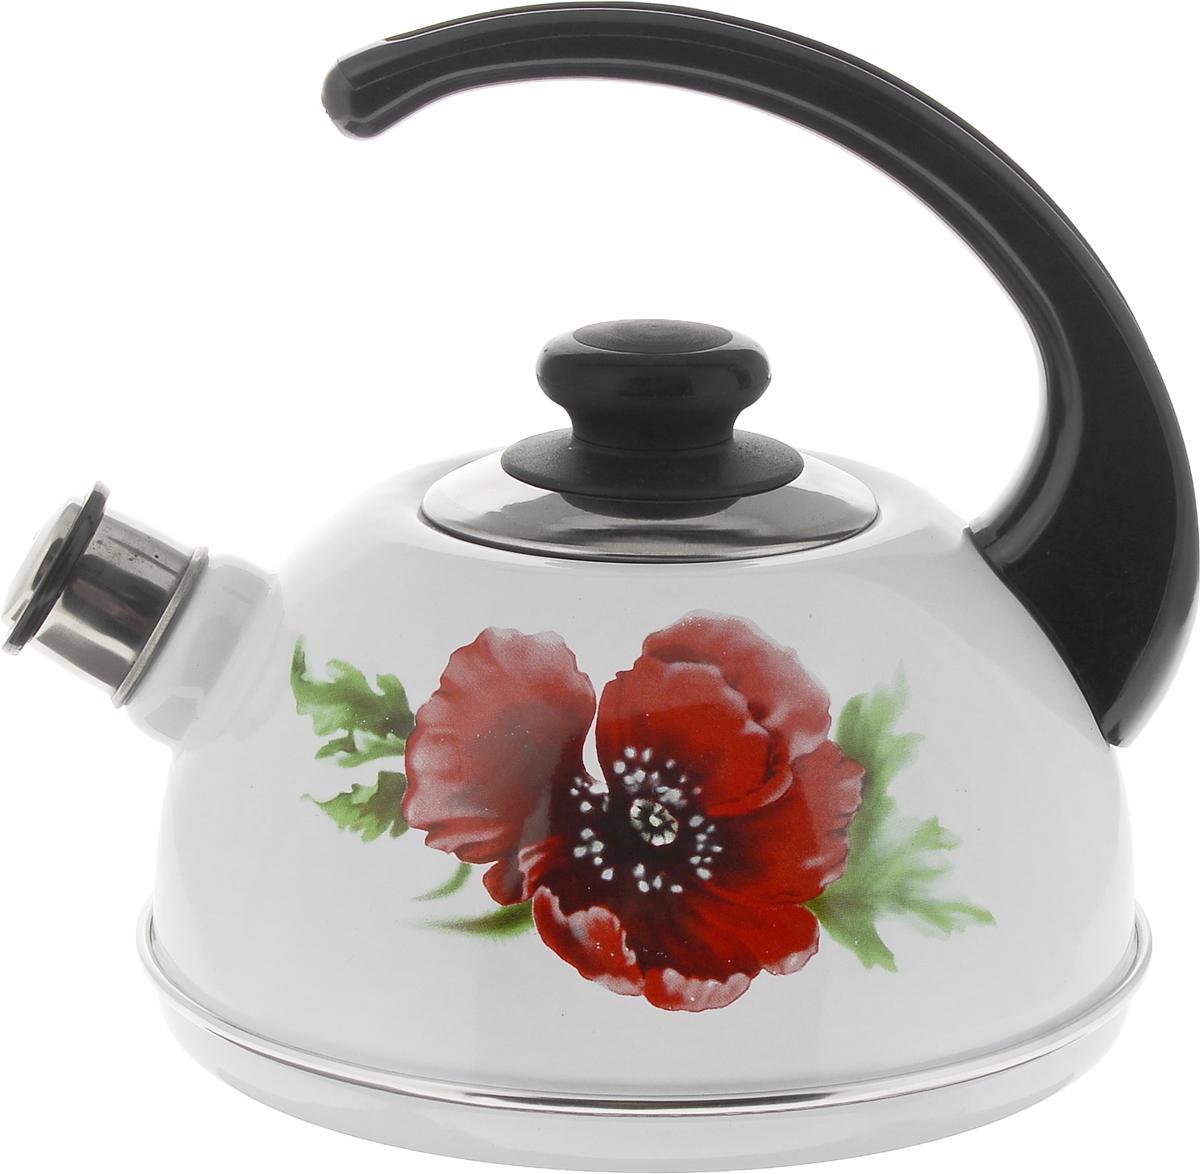 Чайник Рубин, со свистком, цвет: белый, красный, 2,5 лT04/25/03/04Чайник Рубин изготовлен из высококачественной стали с эмалированным покрытием и оформлен изображением цветка. Чайник оснащен удобной пластиковой ручкой. Носик чайника имеет съемный свисток, звуковой сигнал которого подскажет, когда закипит вода. Чайник подходит для газовых, электрических и стеклокерамических плит.Диаметр чайника (по верхнему краю): 8,5 см. Высота чайника (без учета ручки и крышки): 11см. Высота чайника (с учетом ручки): 21 см.